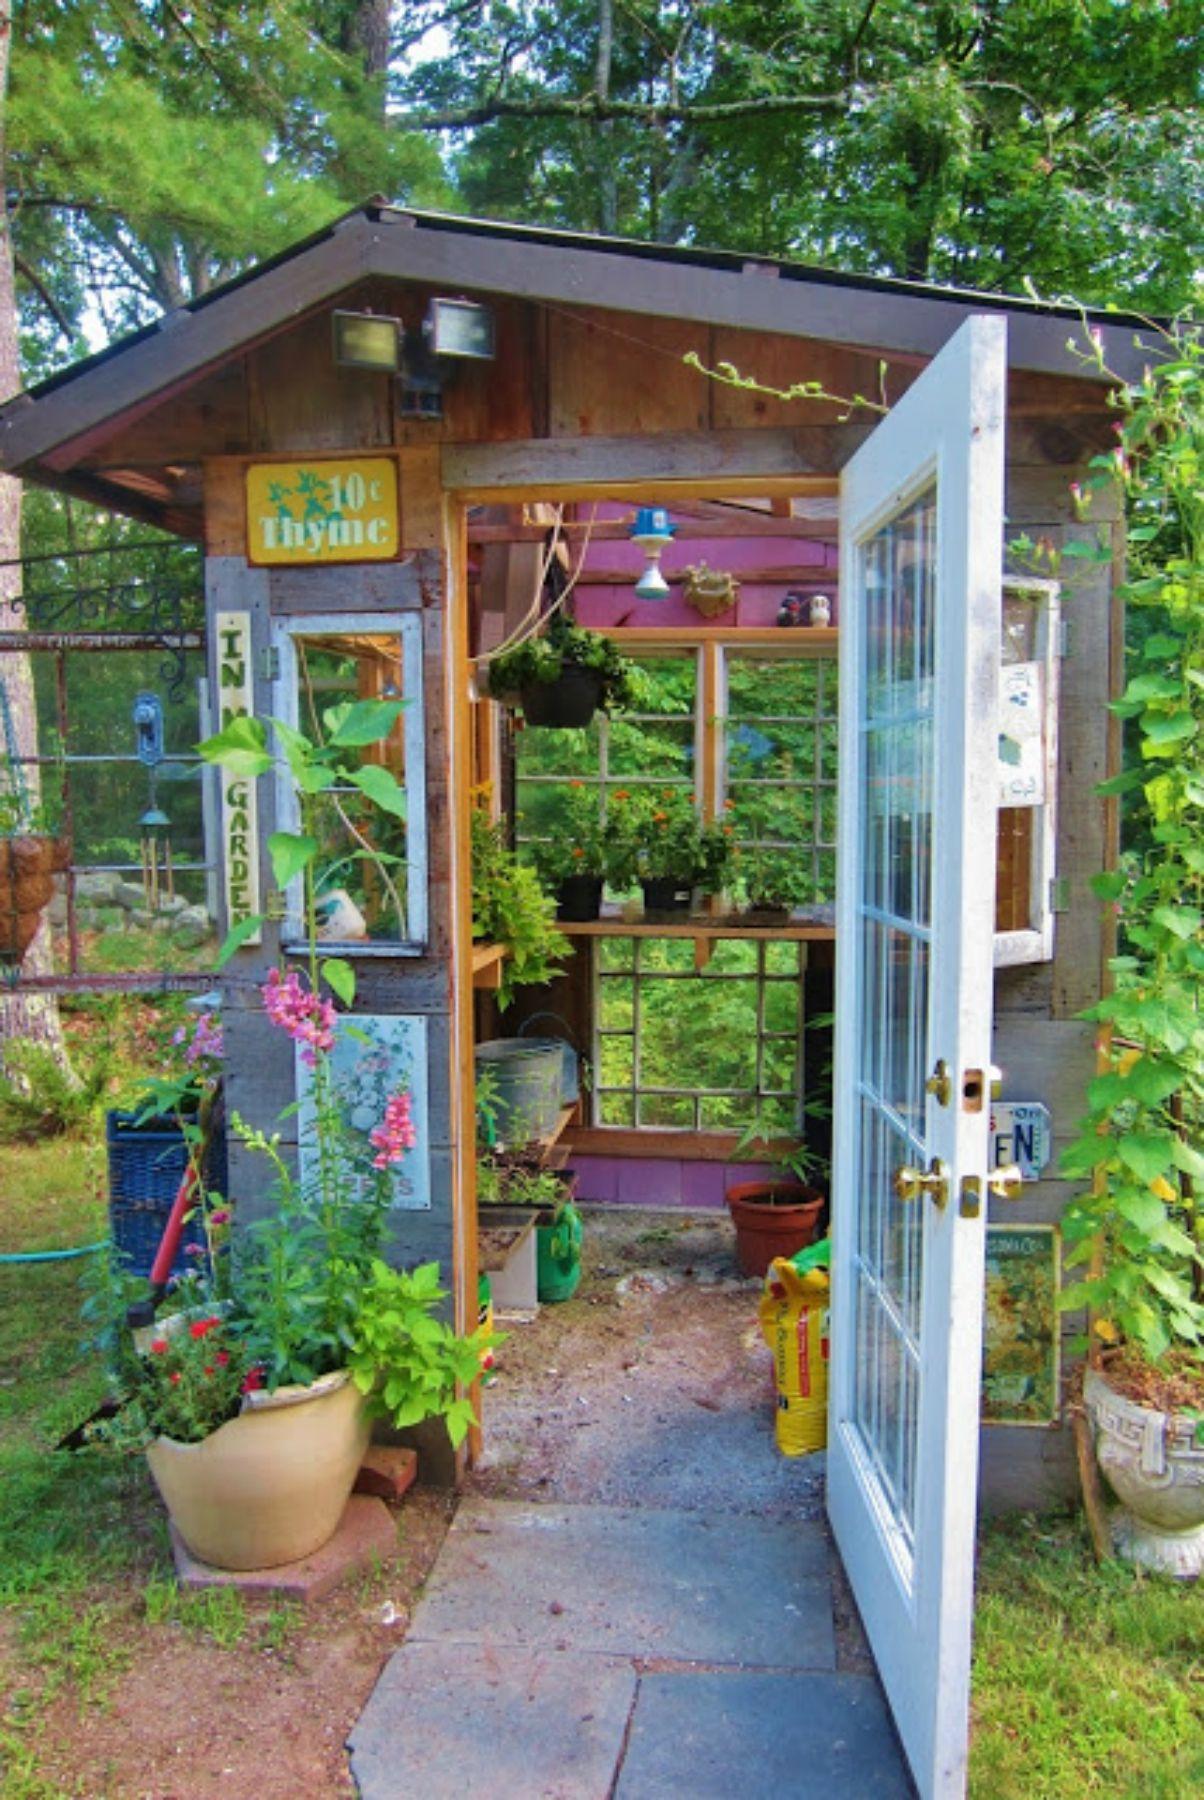 19 Perfectly Charming Garden Sheds | Garten haus, Bauwagen und ...